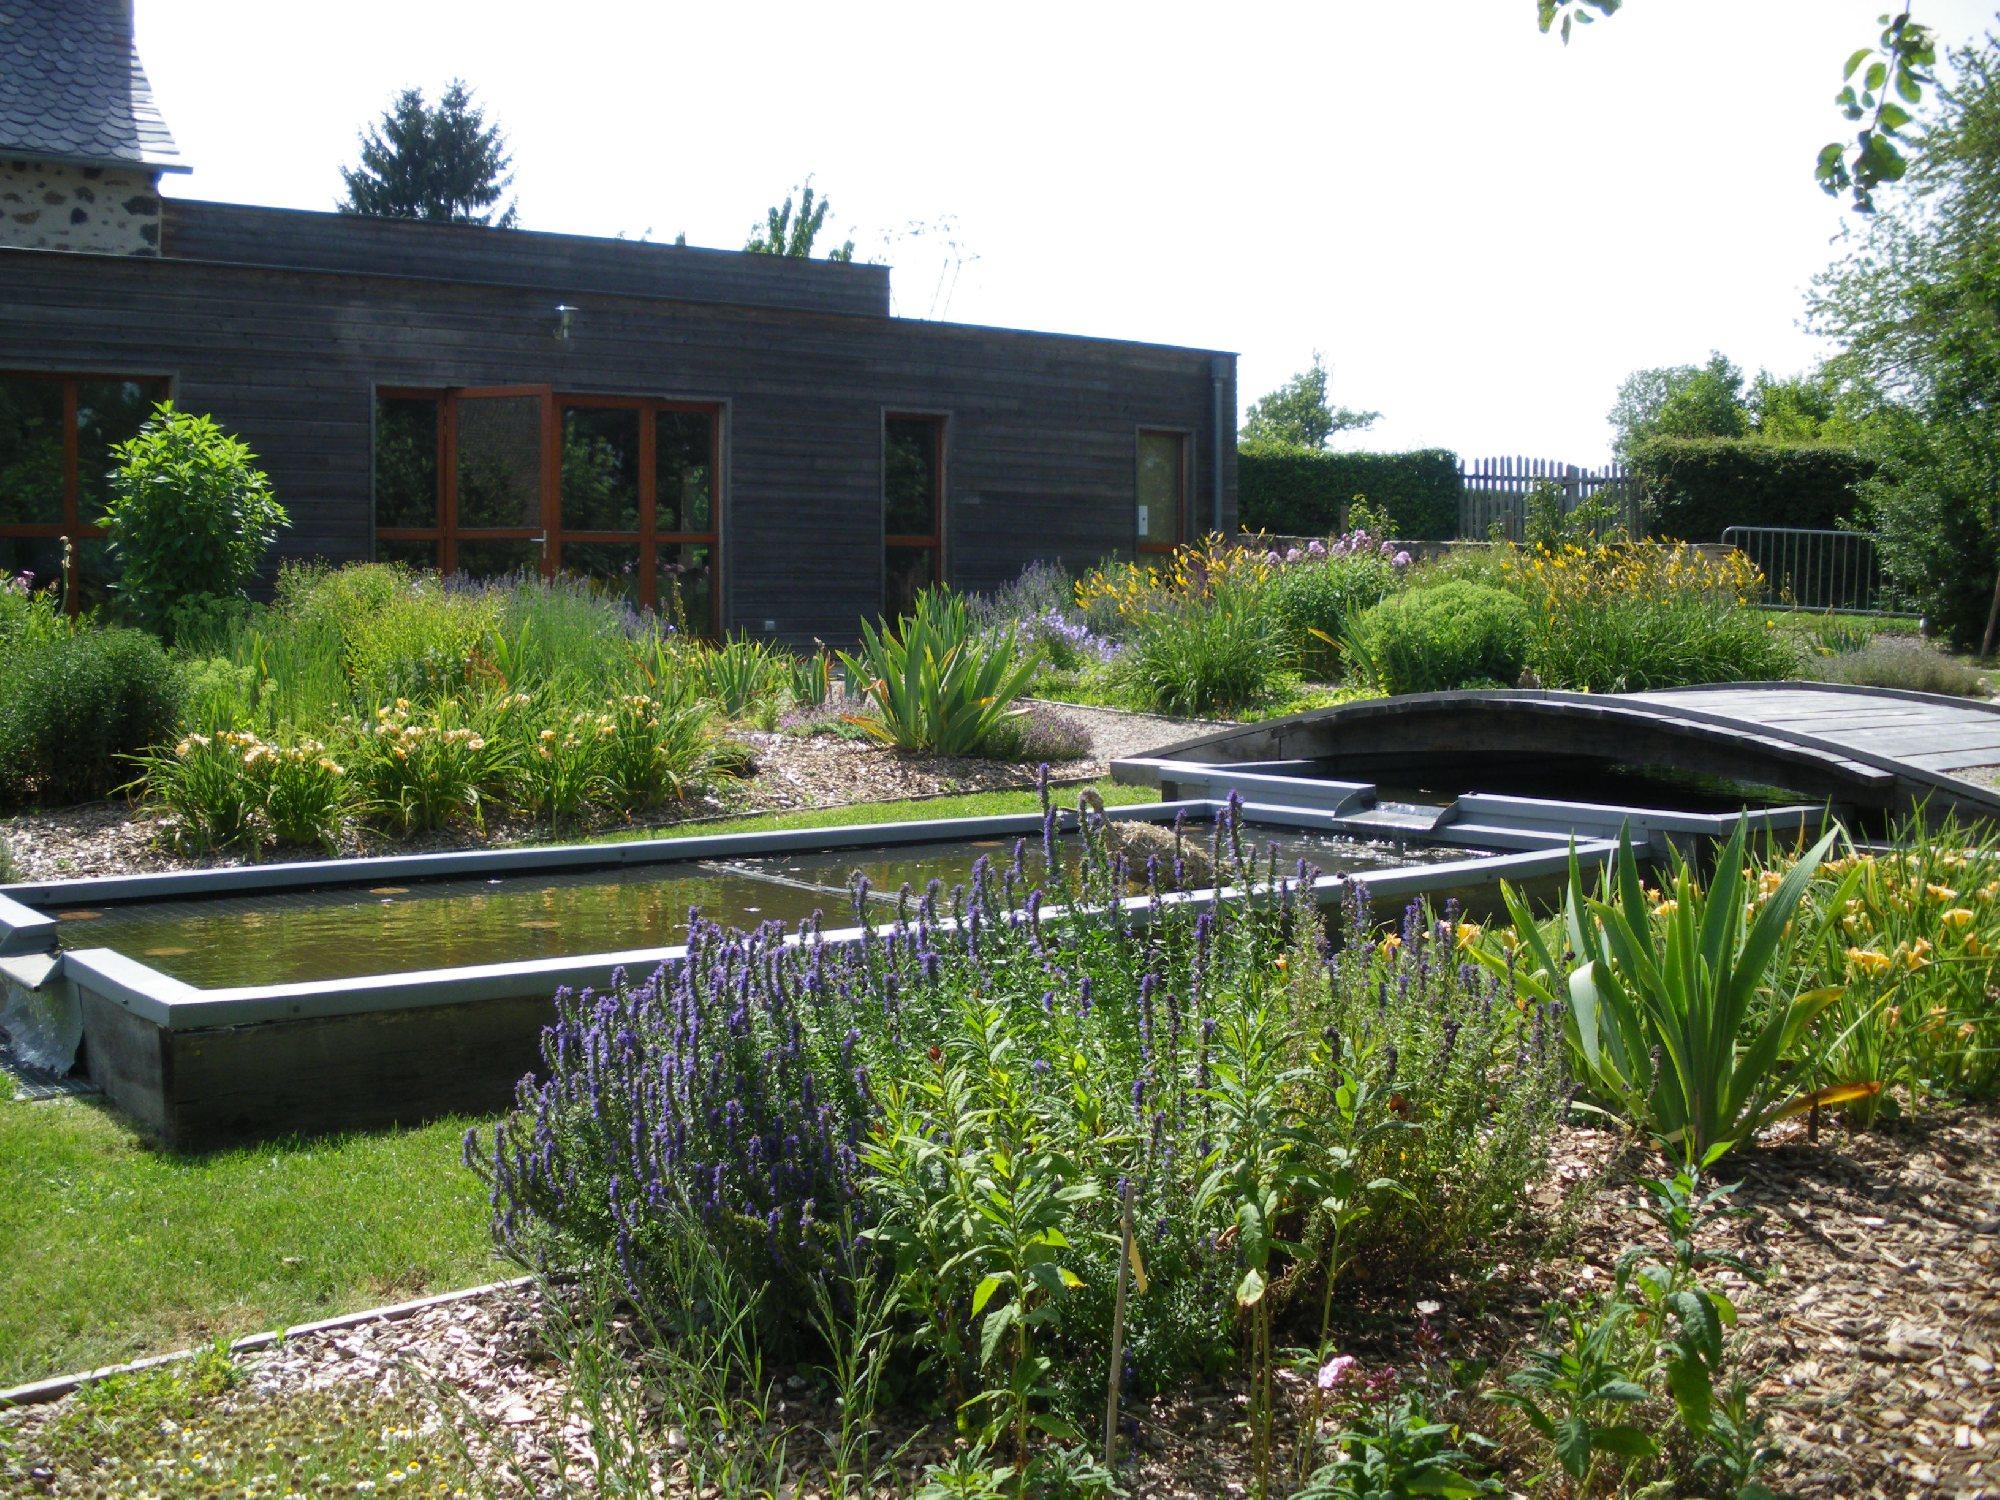 Le jardin des 5 sens visite tourisme aveyron for Jardin 44 des 5 sens